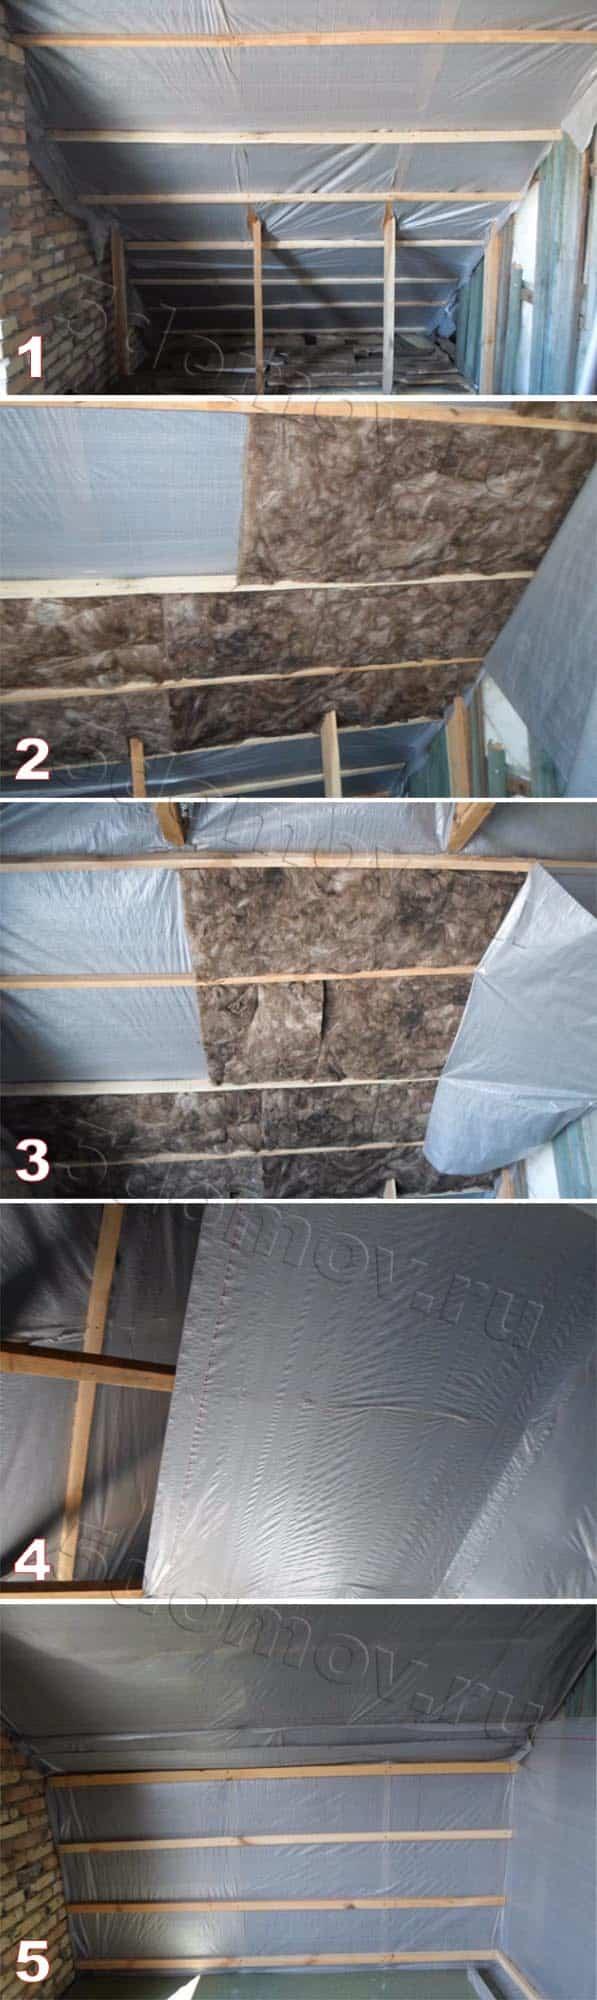 Монтаж обрешетки и утепление мансарды: подробная инструкция